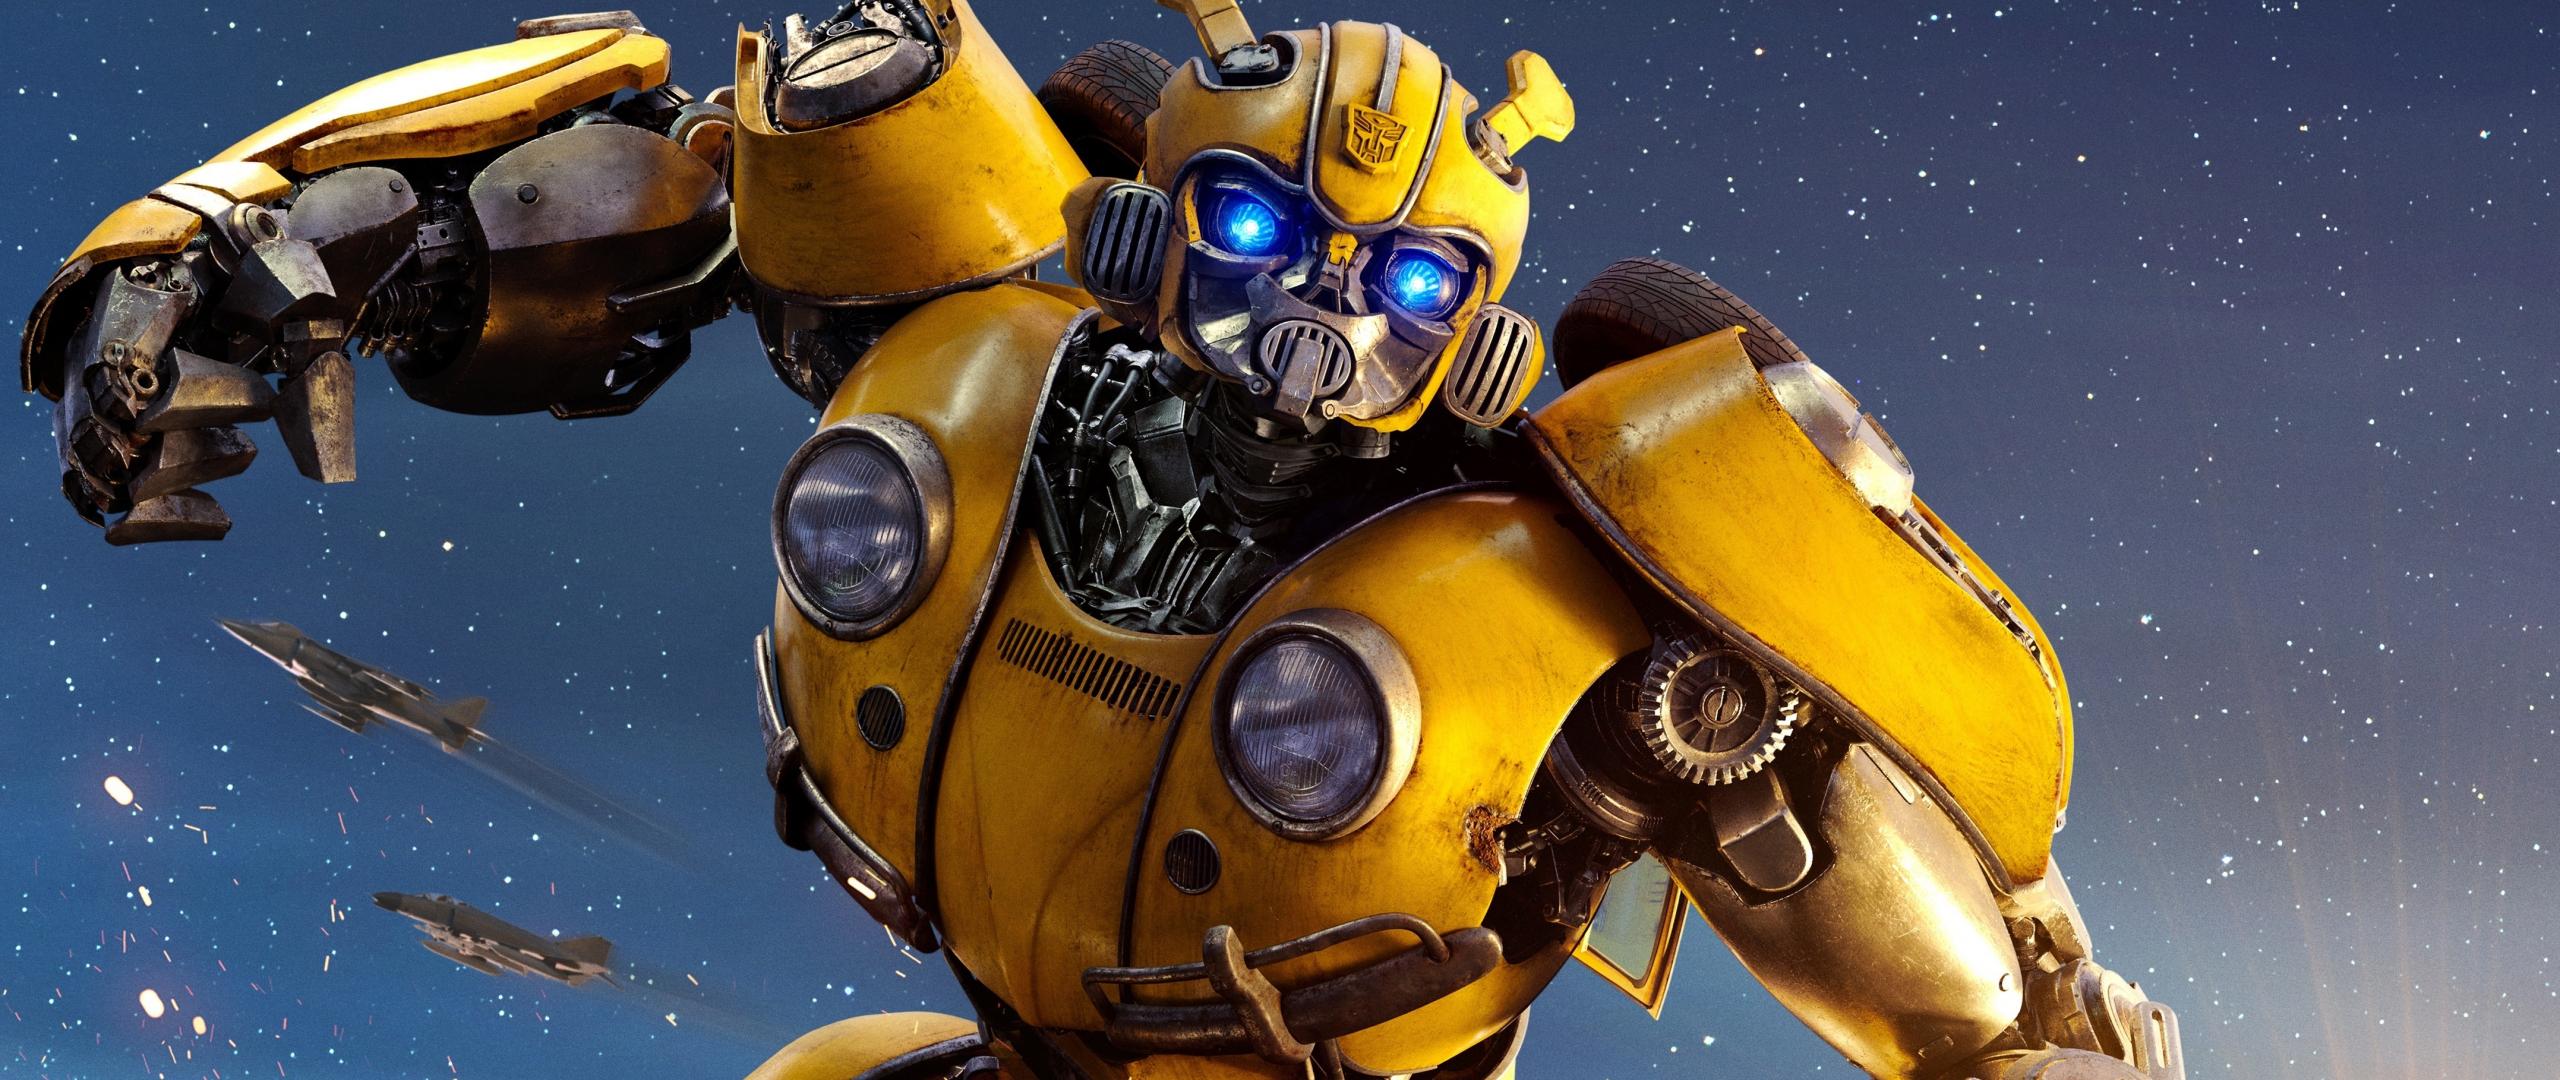 Download 2560x1080 wallpaper movie, 2018, robot, bumblebee ...